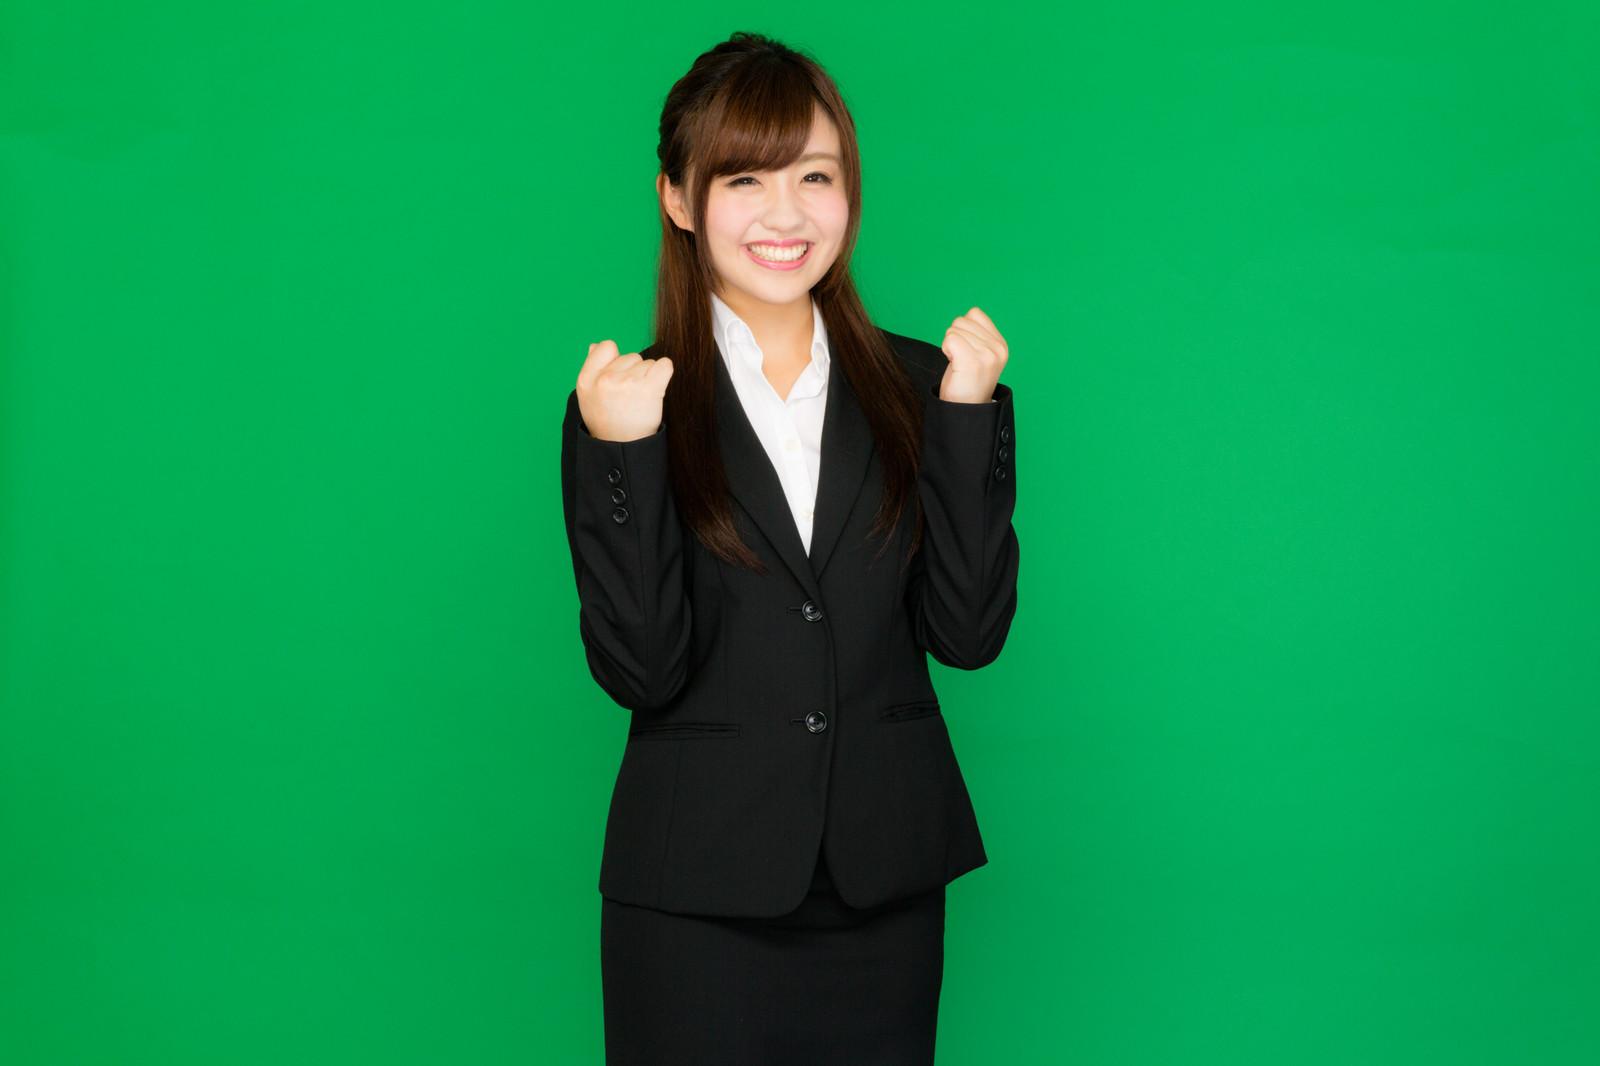 3.【オススメ】 自己紹介で趣味を言うか判断できる方法